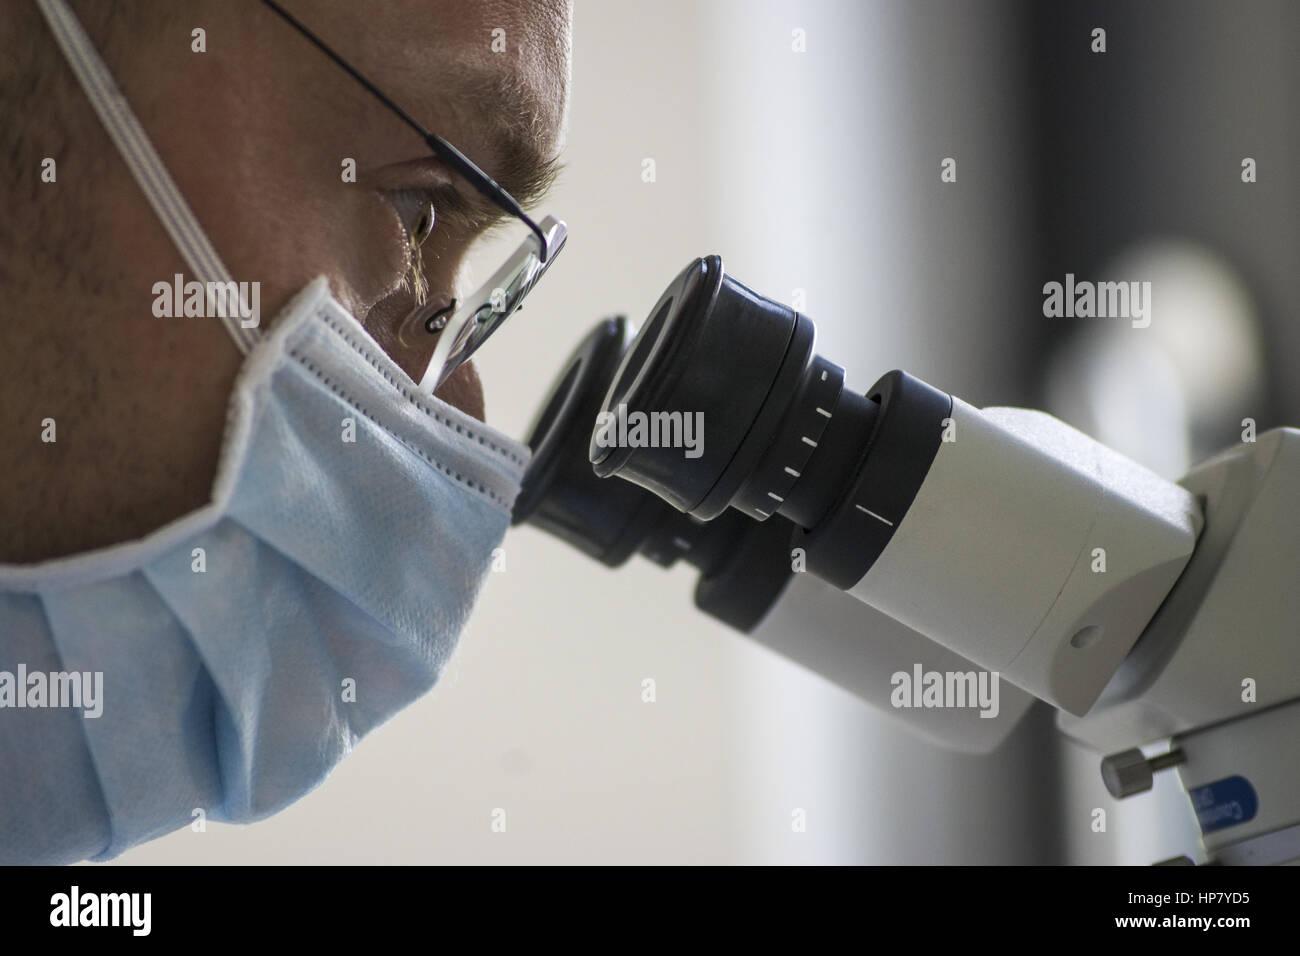 Mikroskop stockfotos & mikroskop bilder alamy